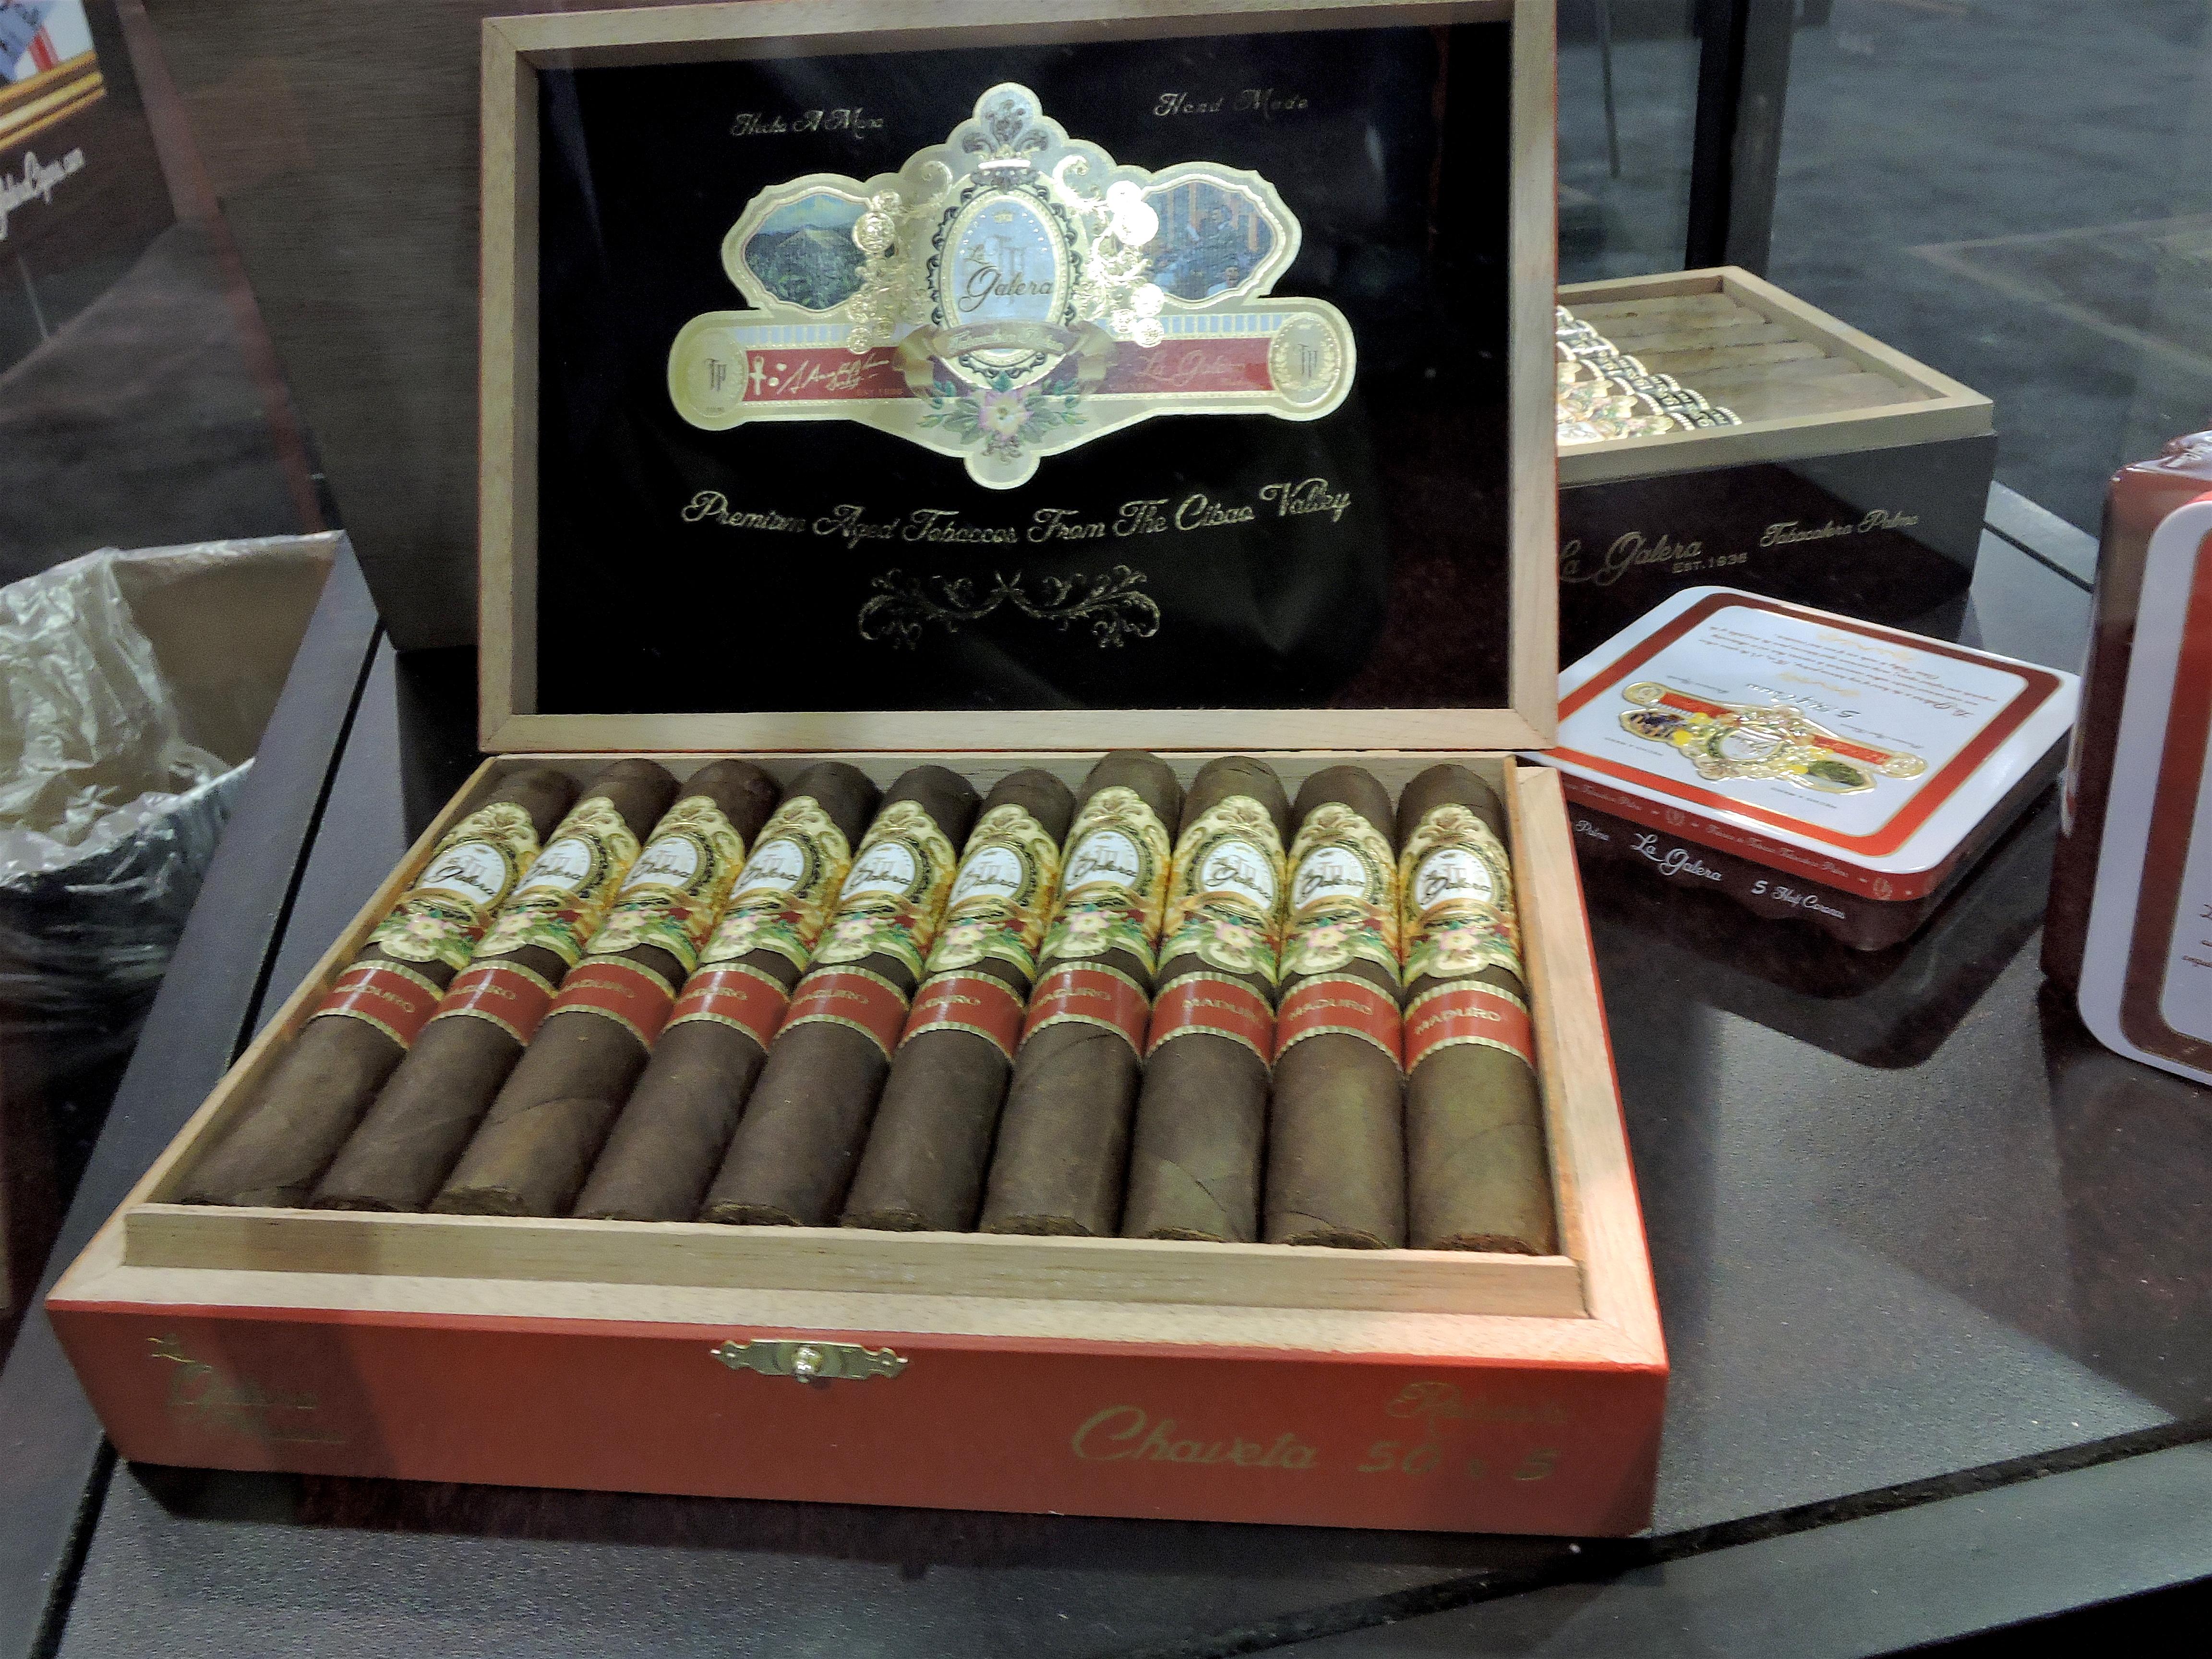 La_Galera_Maduro_by_IndianHead_Cigars